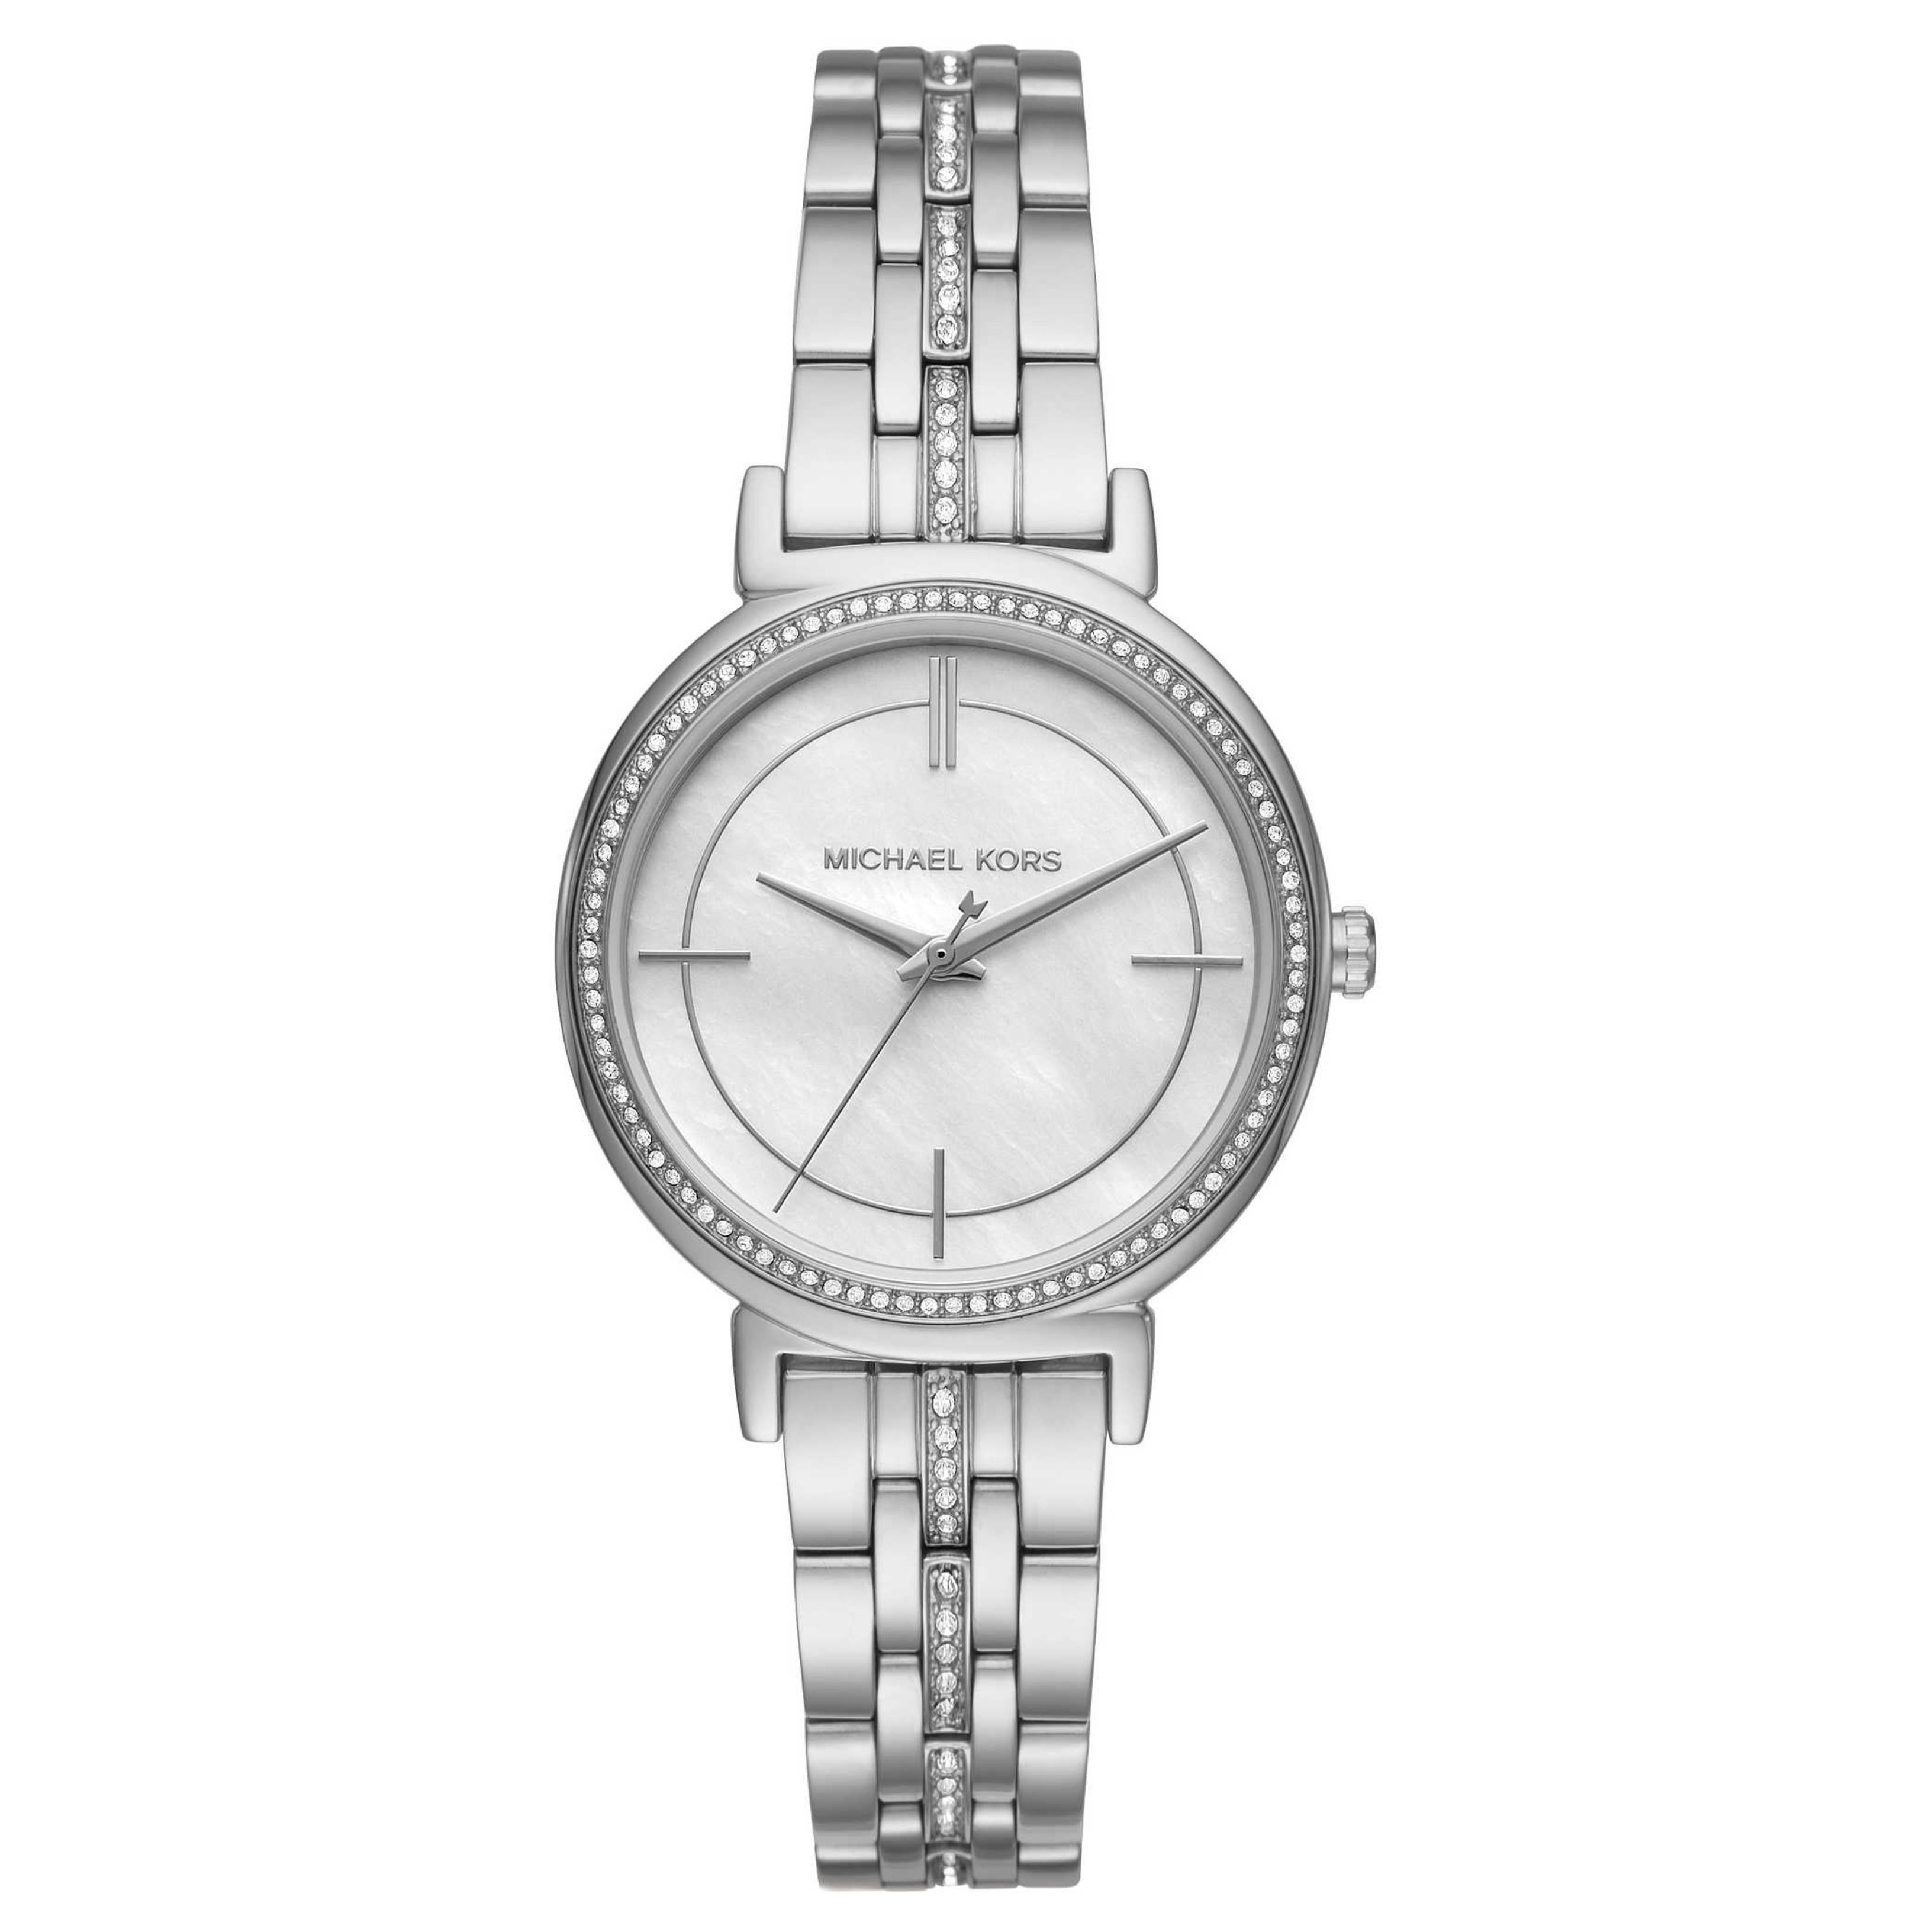 Michael Kors Cinthia Mother of Pearl Crystal Dial SilverTone Ladies Watch MK3641